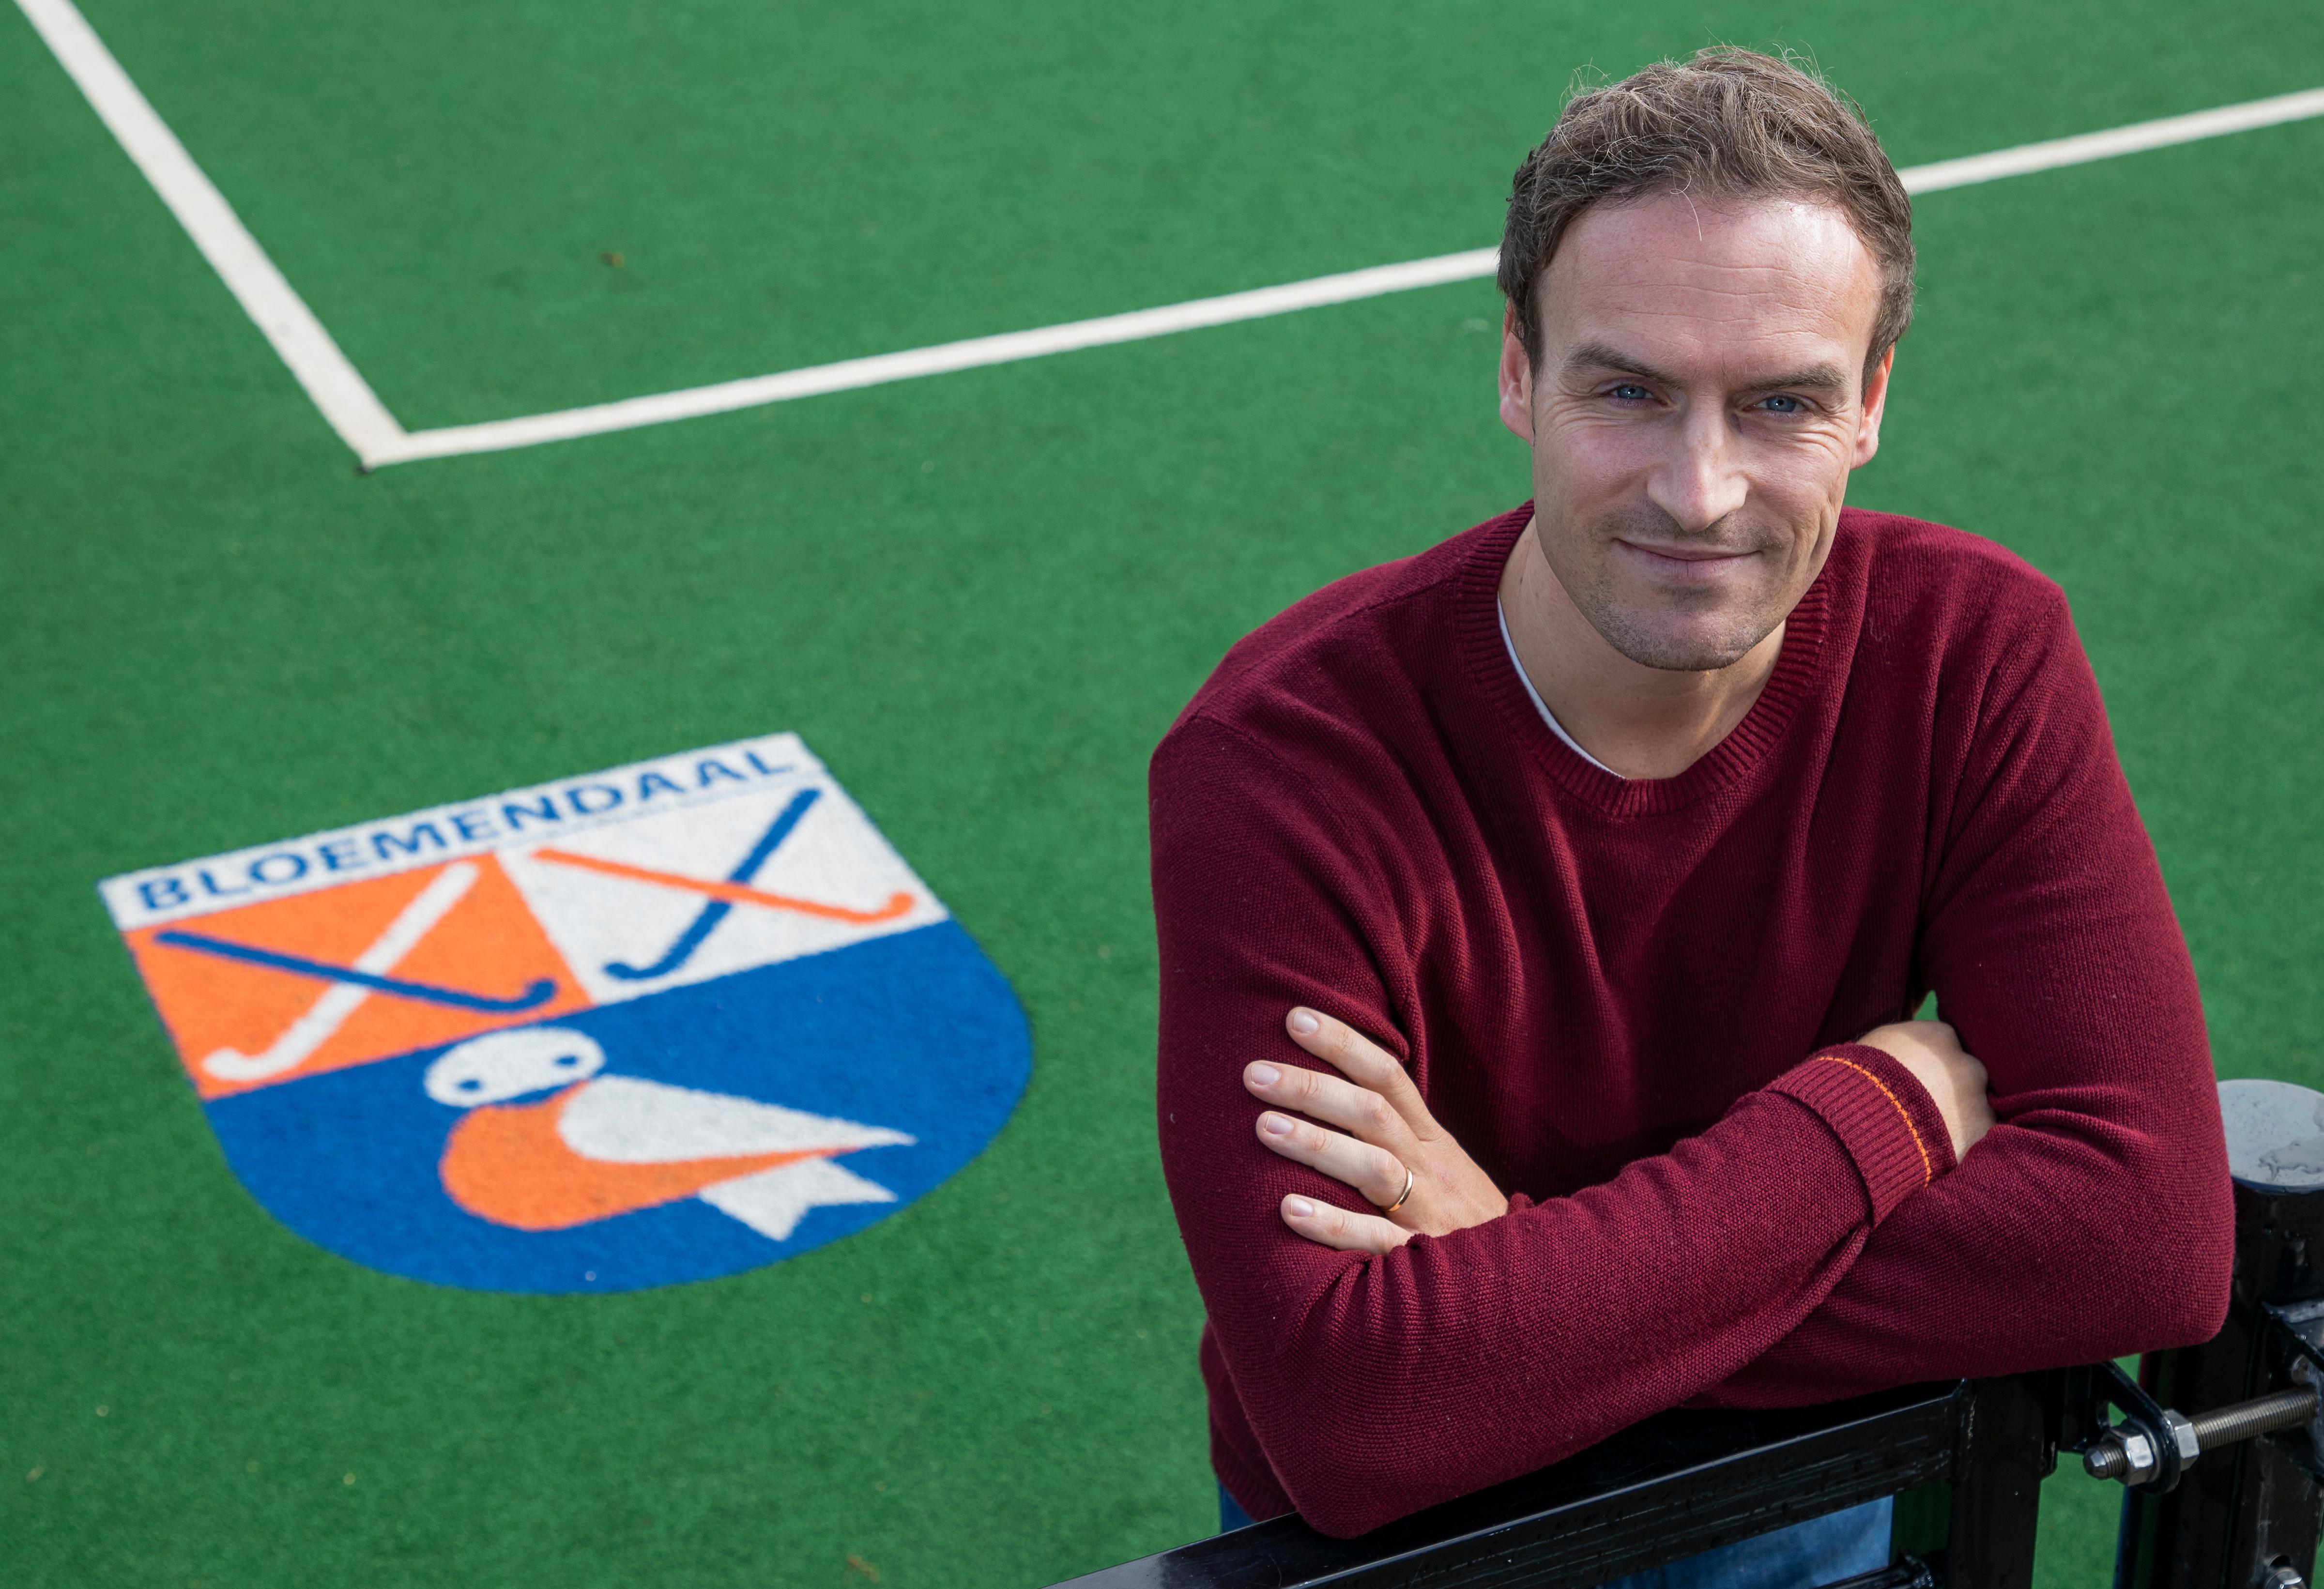 Rick Mathijssen volgt Michel van den Heuvel na dit seizoen op bij hockeyers van landskampioen Bloemendaal: 'Ik ben toe aan mannenploeg'